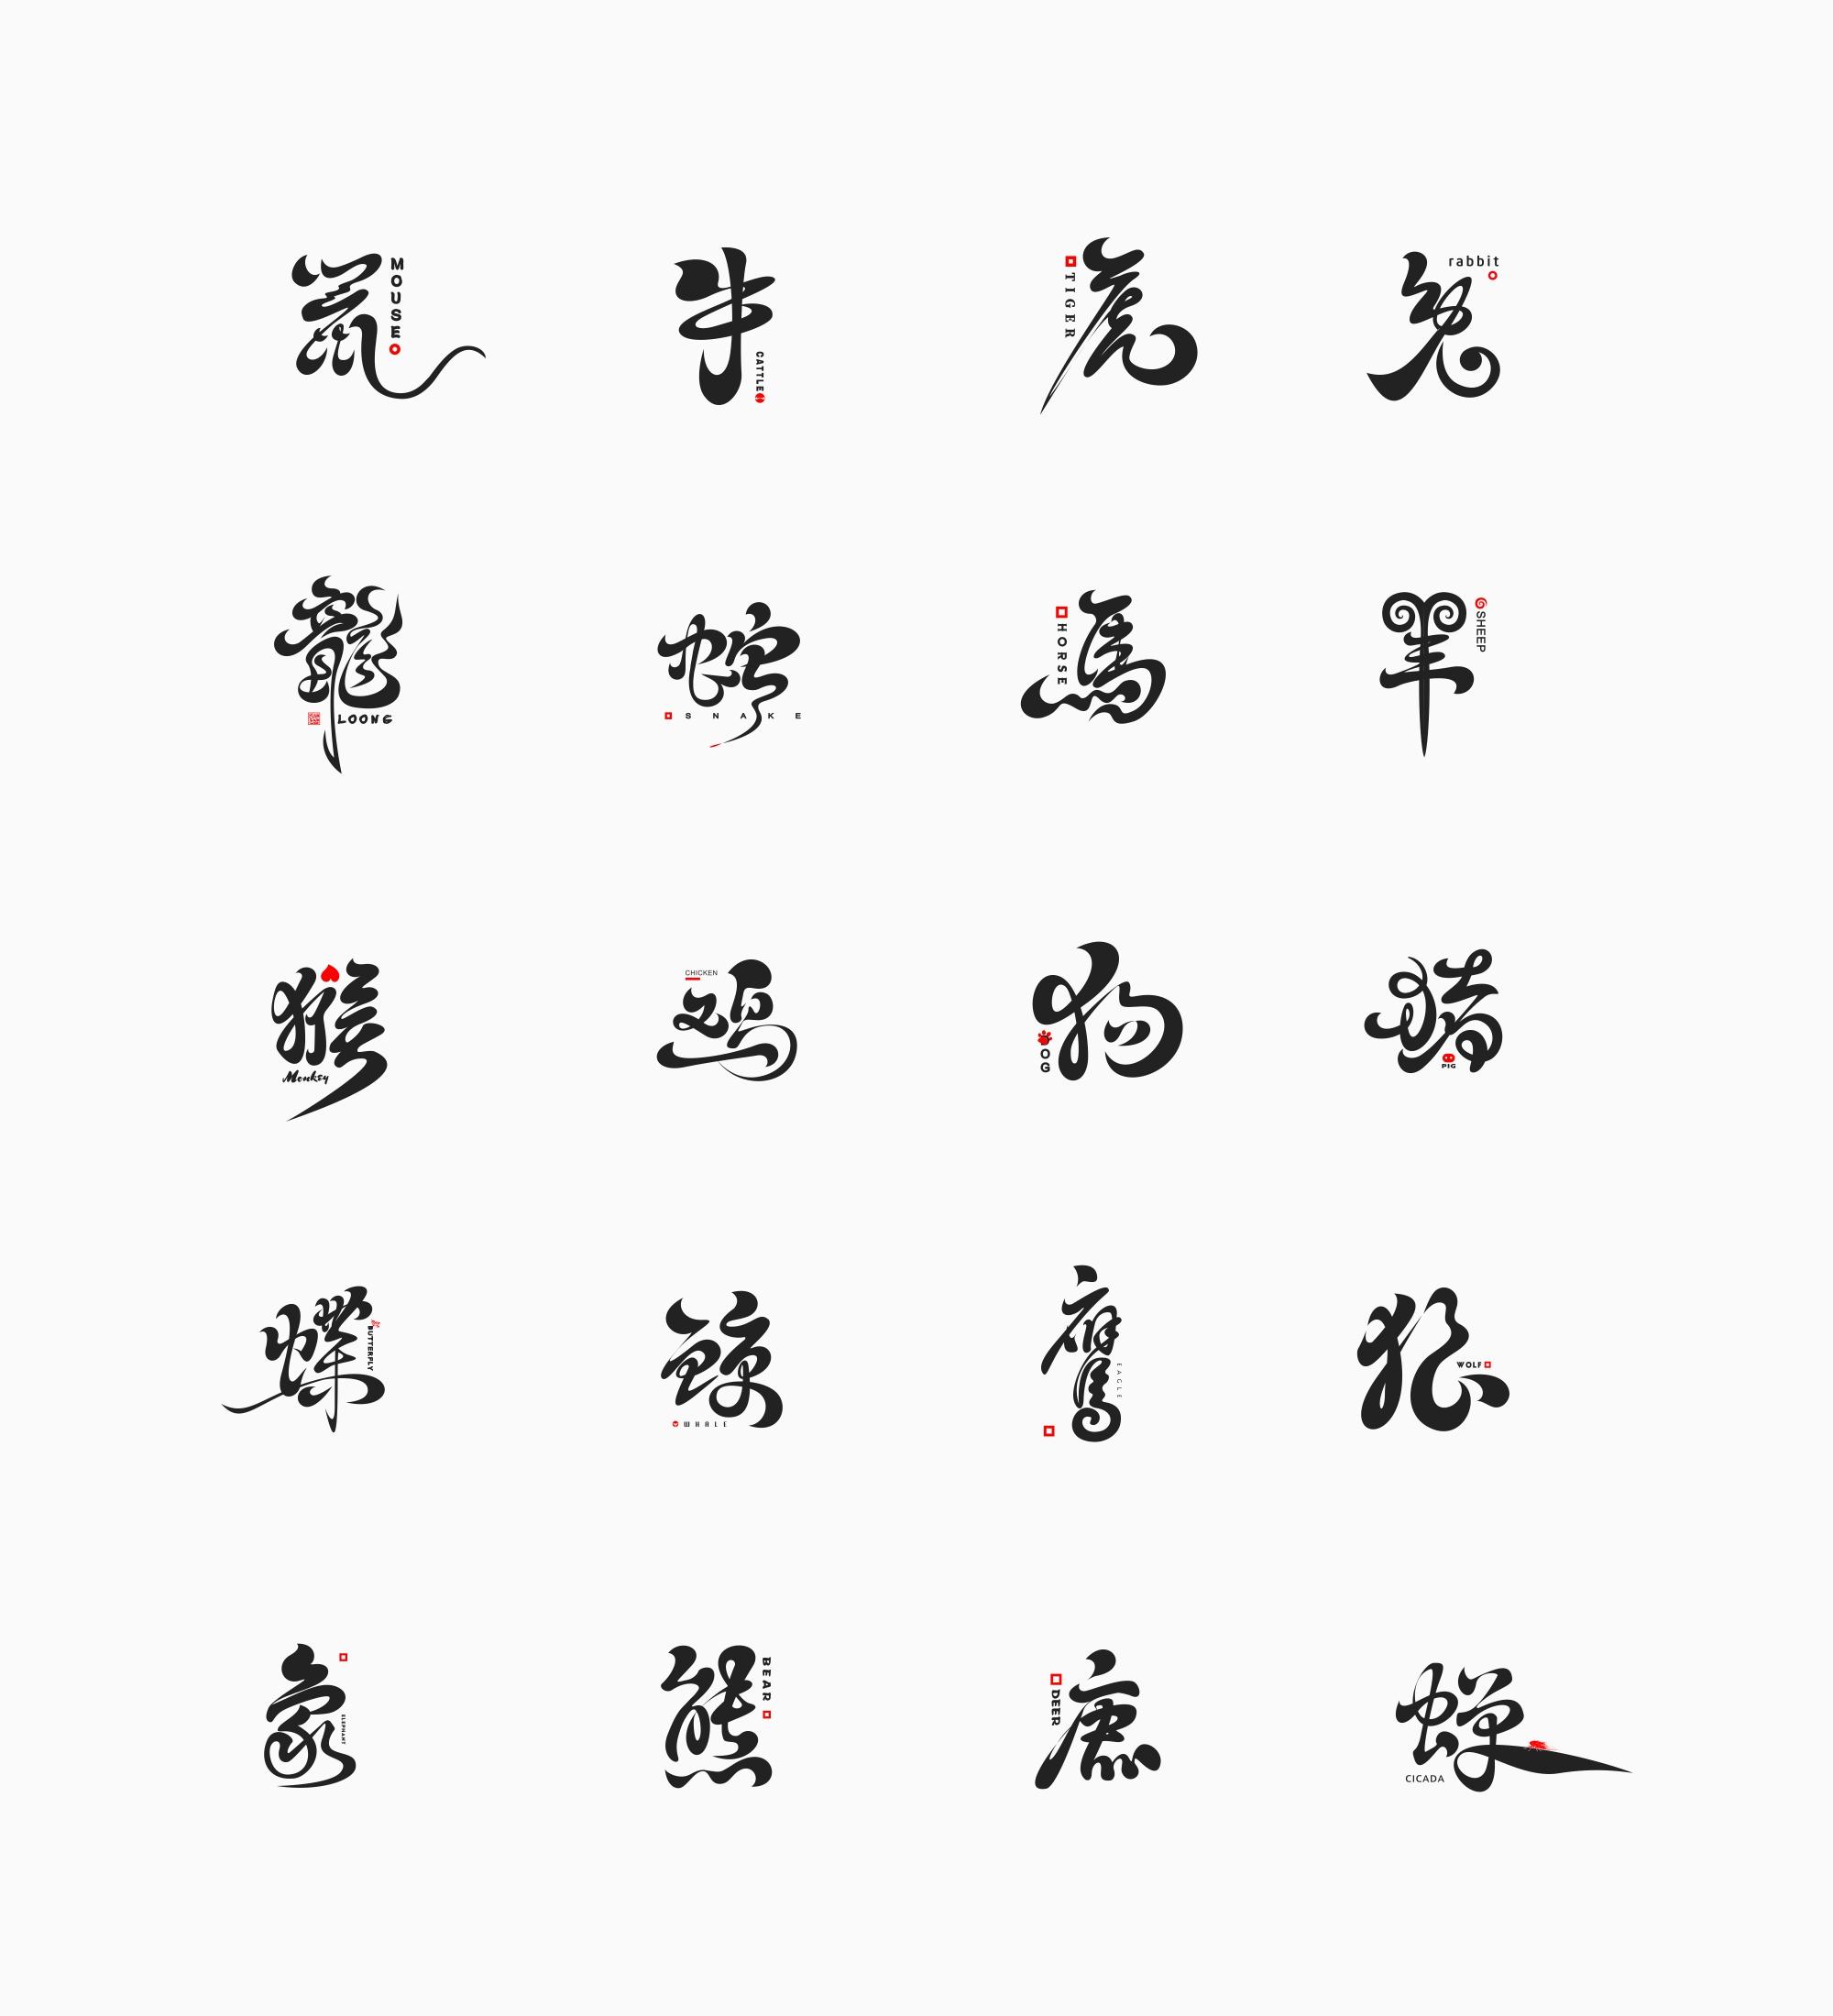 朝鲜人|字体设计|十二生肖图片